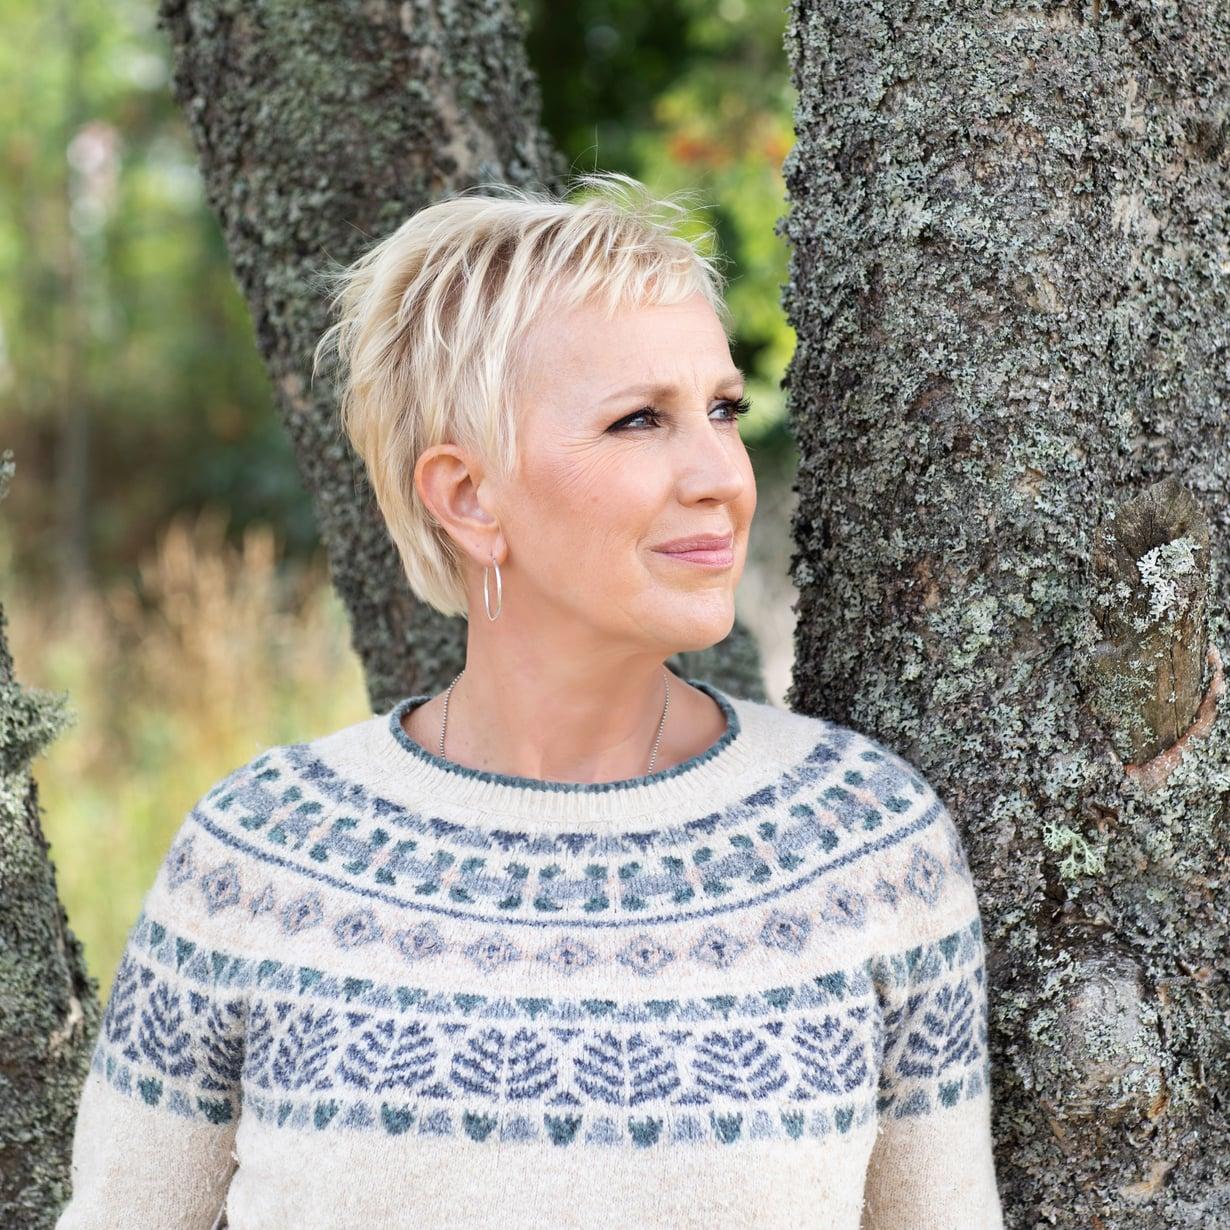 Näyttelijä Merja Larivaara perheineen palasi viime keväänä takaisin Oulusta Porvooseen.